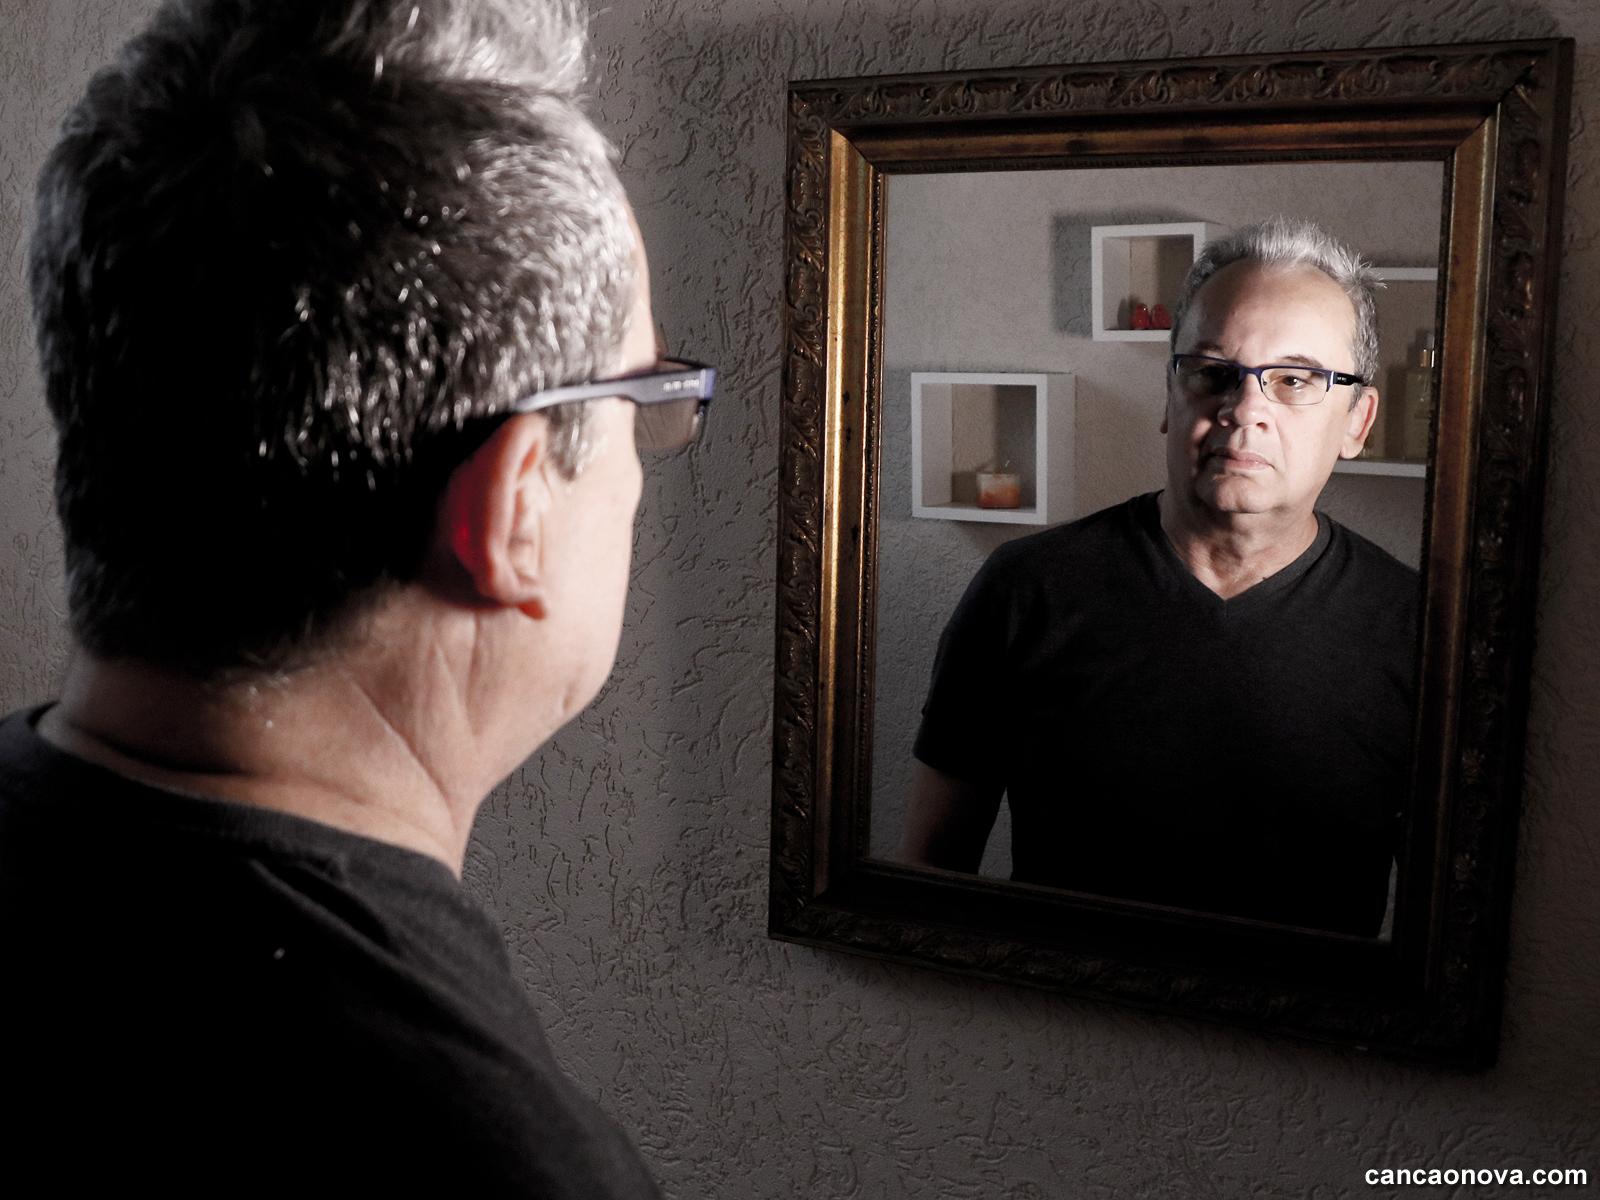 -Século-XXI-qual-é-o-perfil-do-homem-contemporâneo-